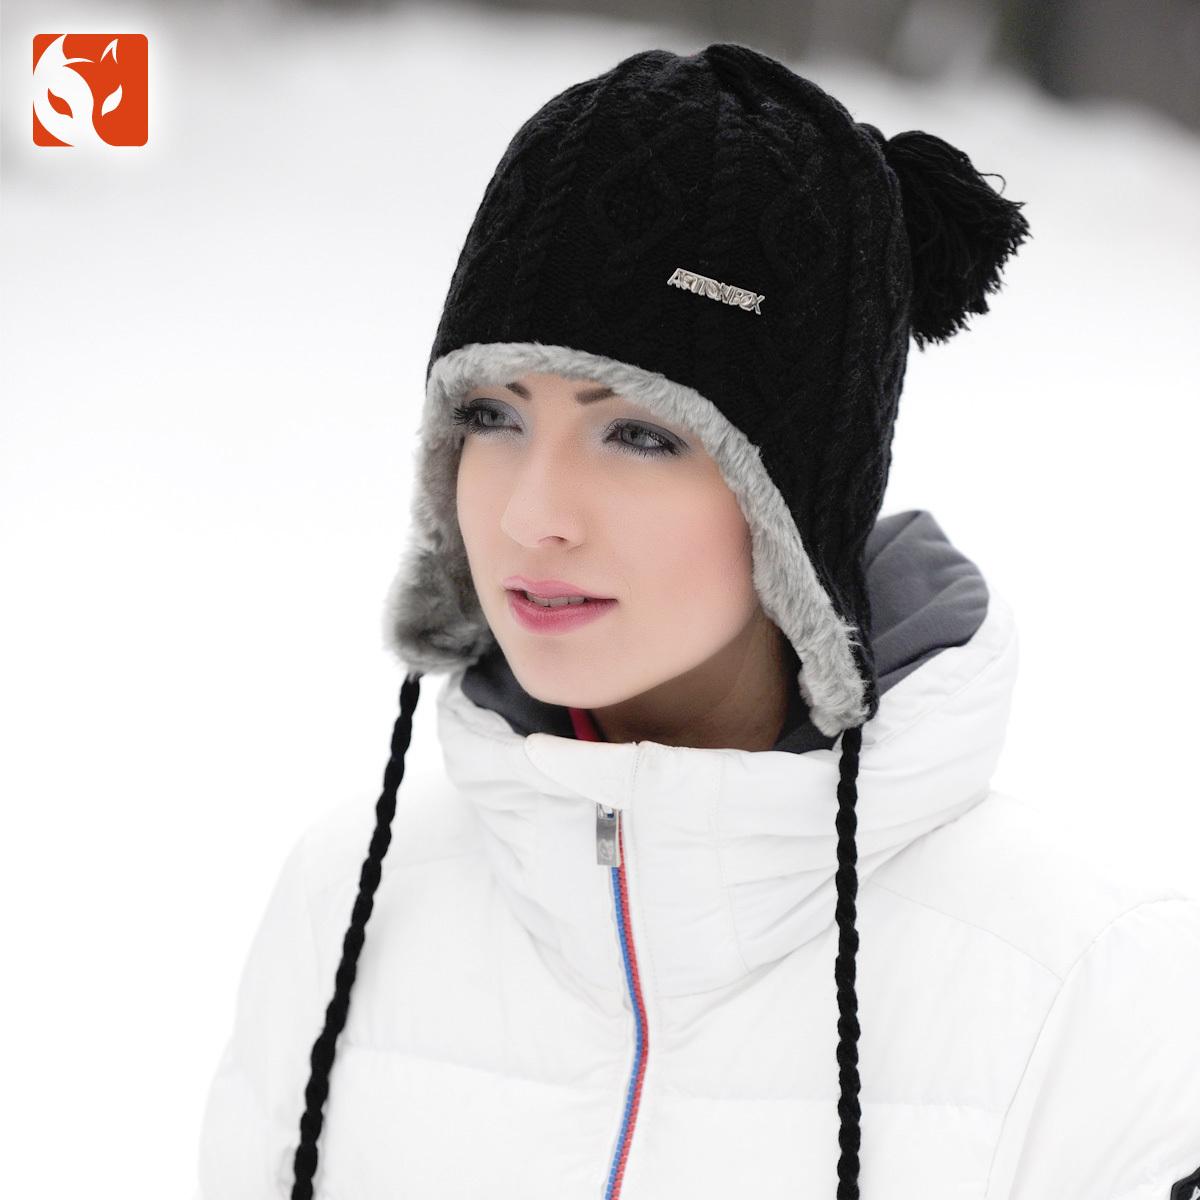 快乐狐狸女冬季毛线帽加绒加厚护耳帽保暖针织帽0630 黑色 均码